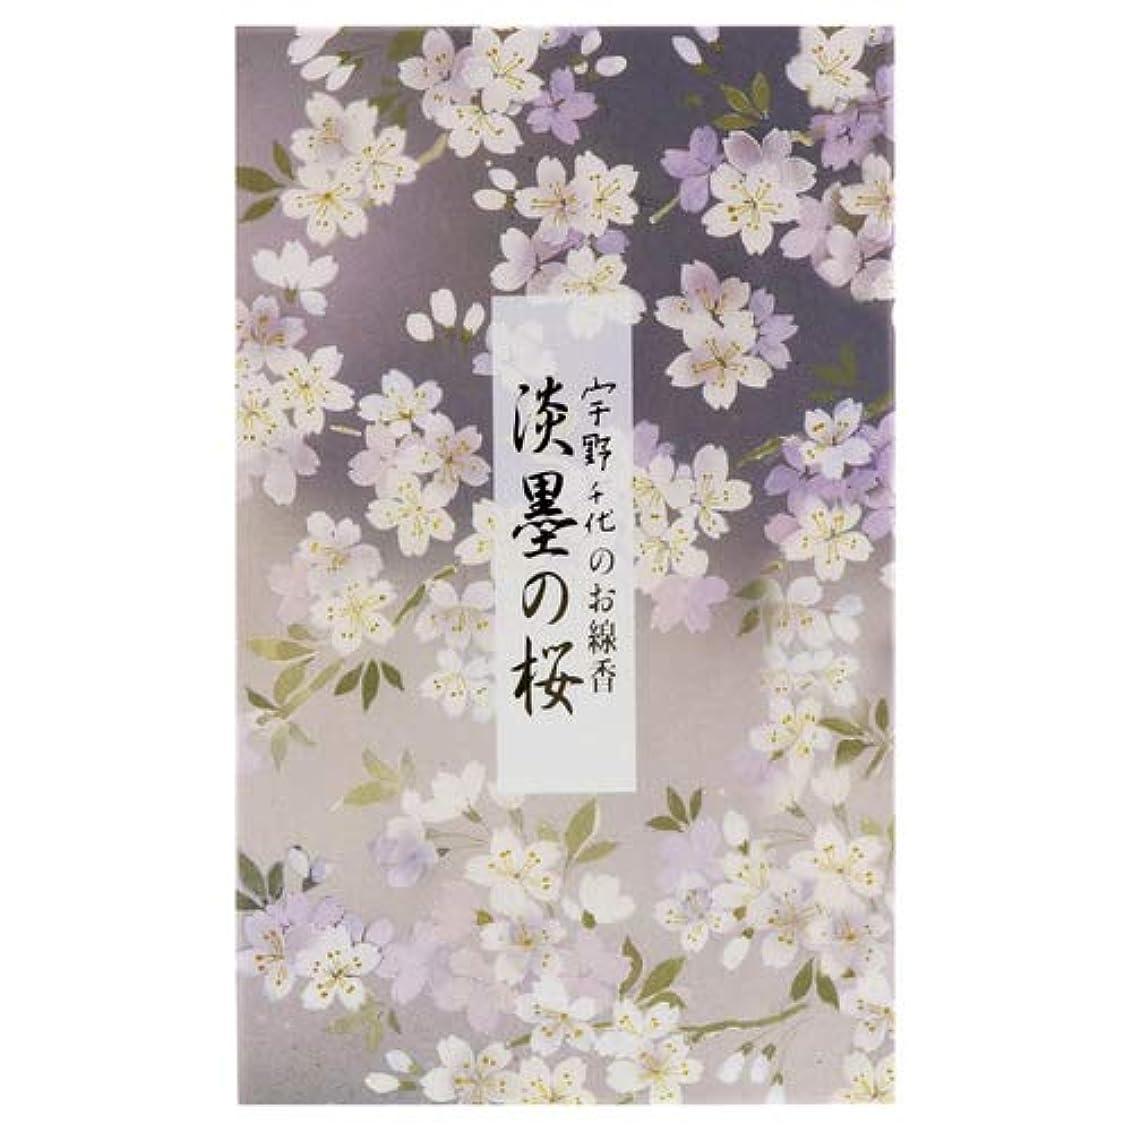 毒帽子従順な宇野千代のお線香 淡墨の桜 バラ詰